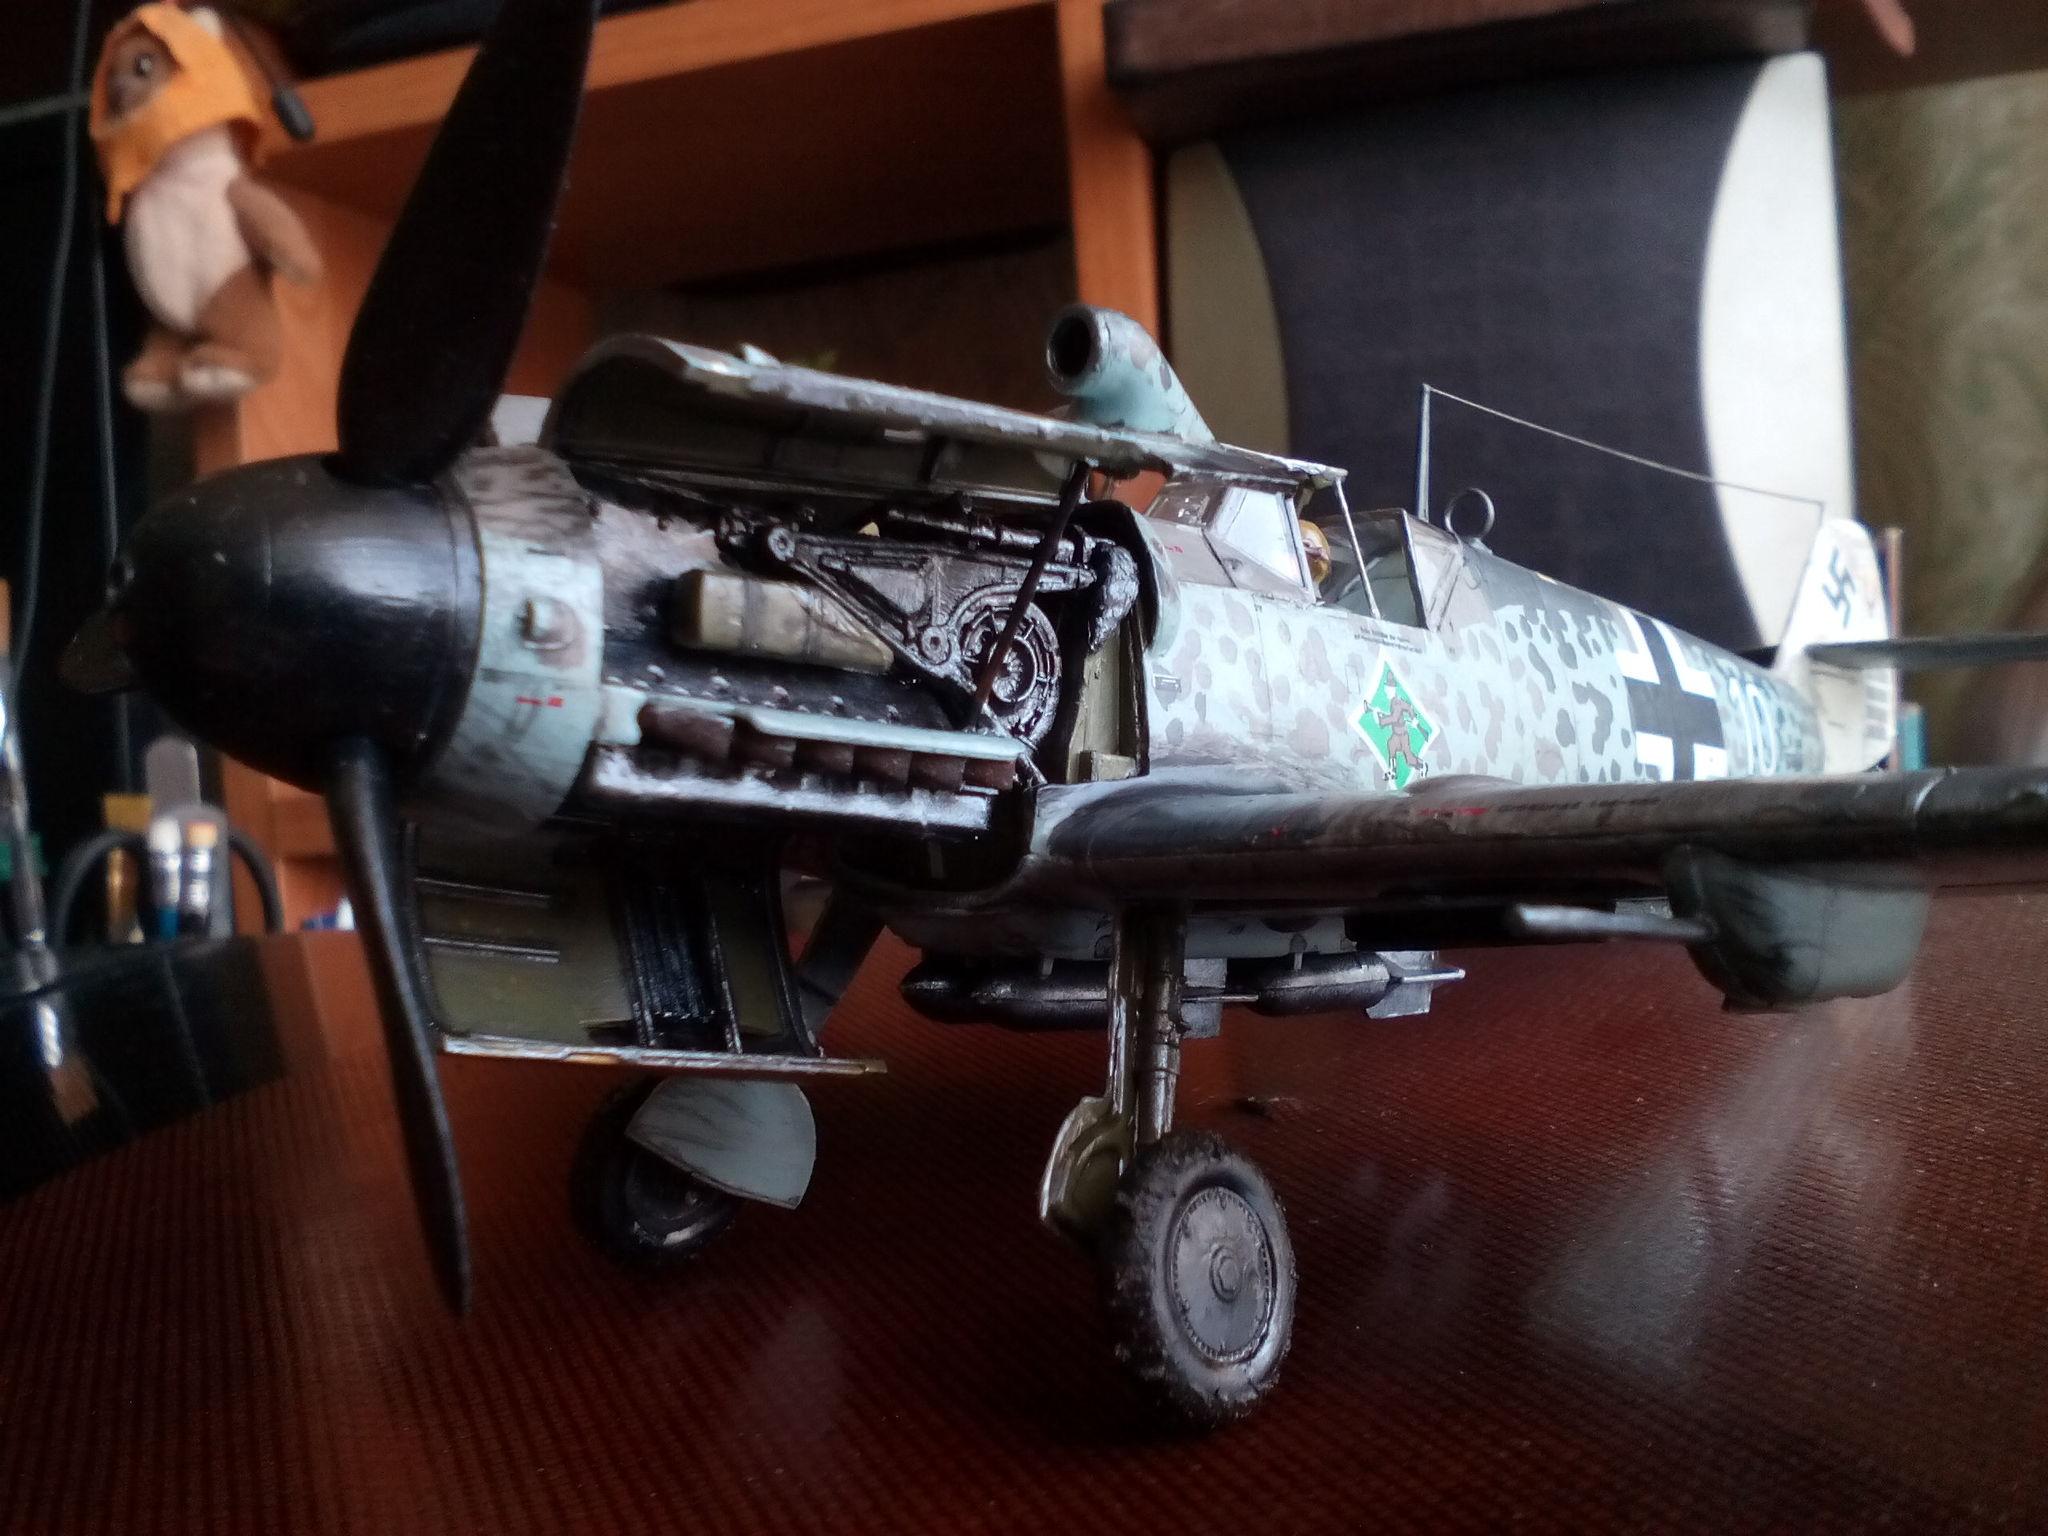 Обои Подвесной топливный бак, gustav, bf-109, мesserschmitt, б-17, Bf.109G-10, бомбардировщик. Авиация foto 15